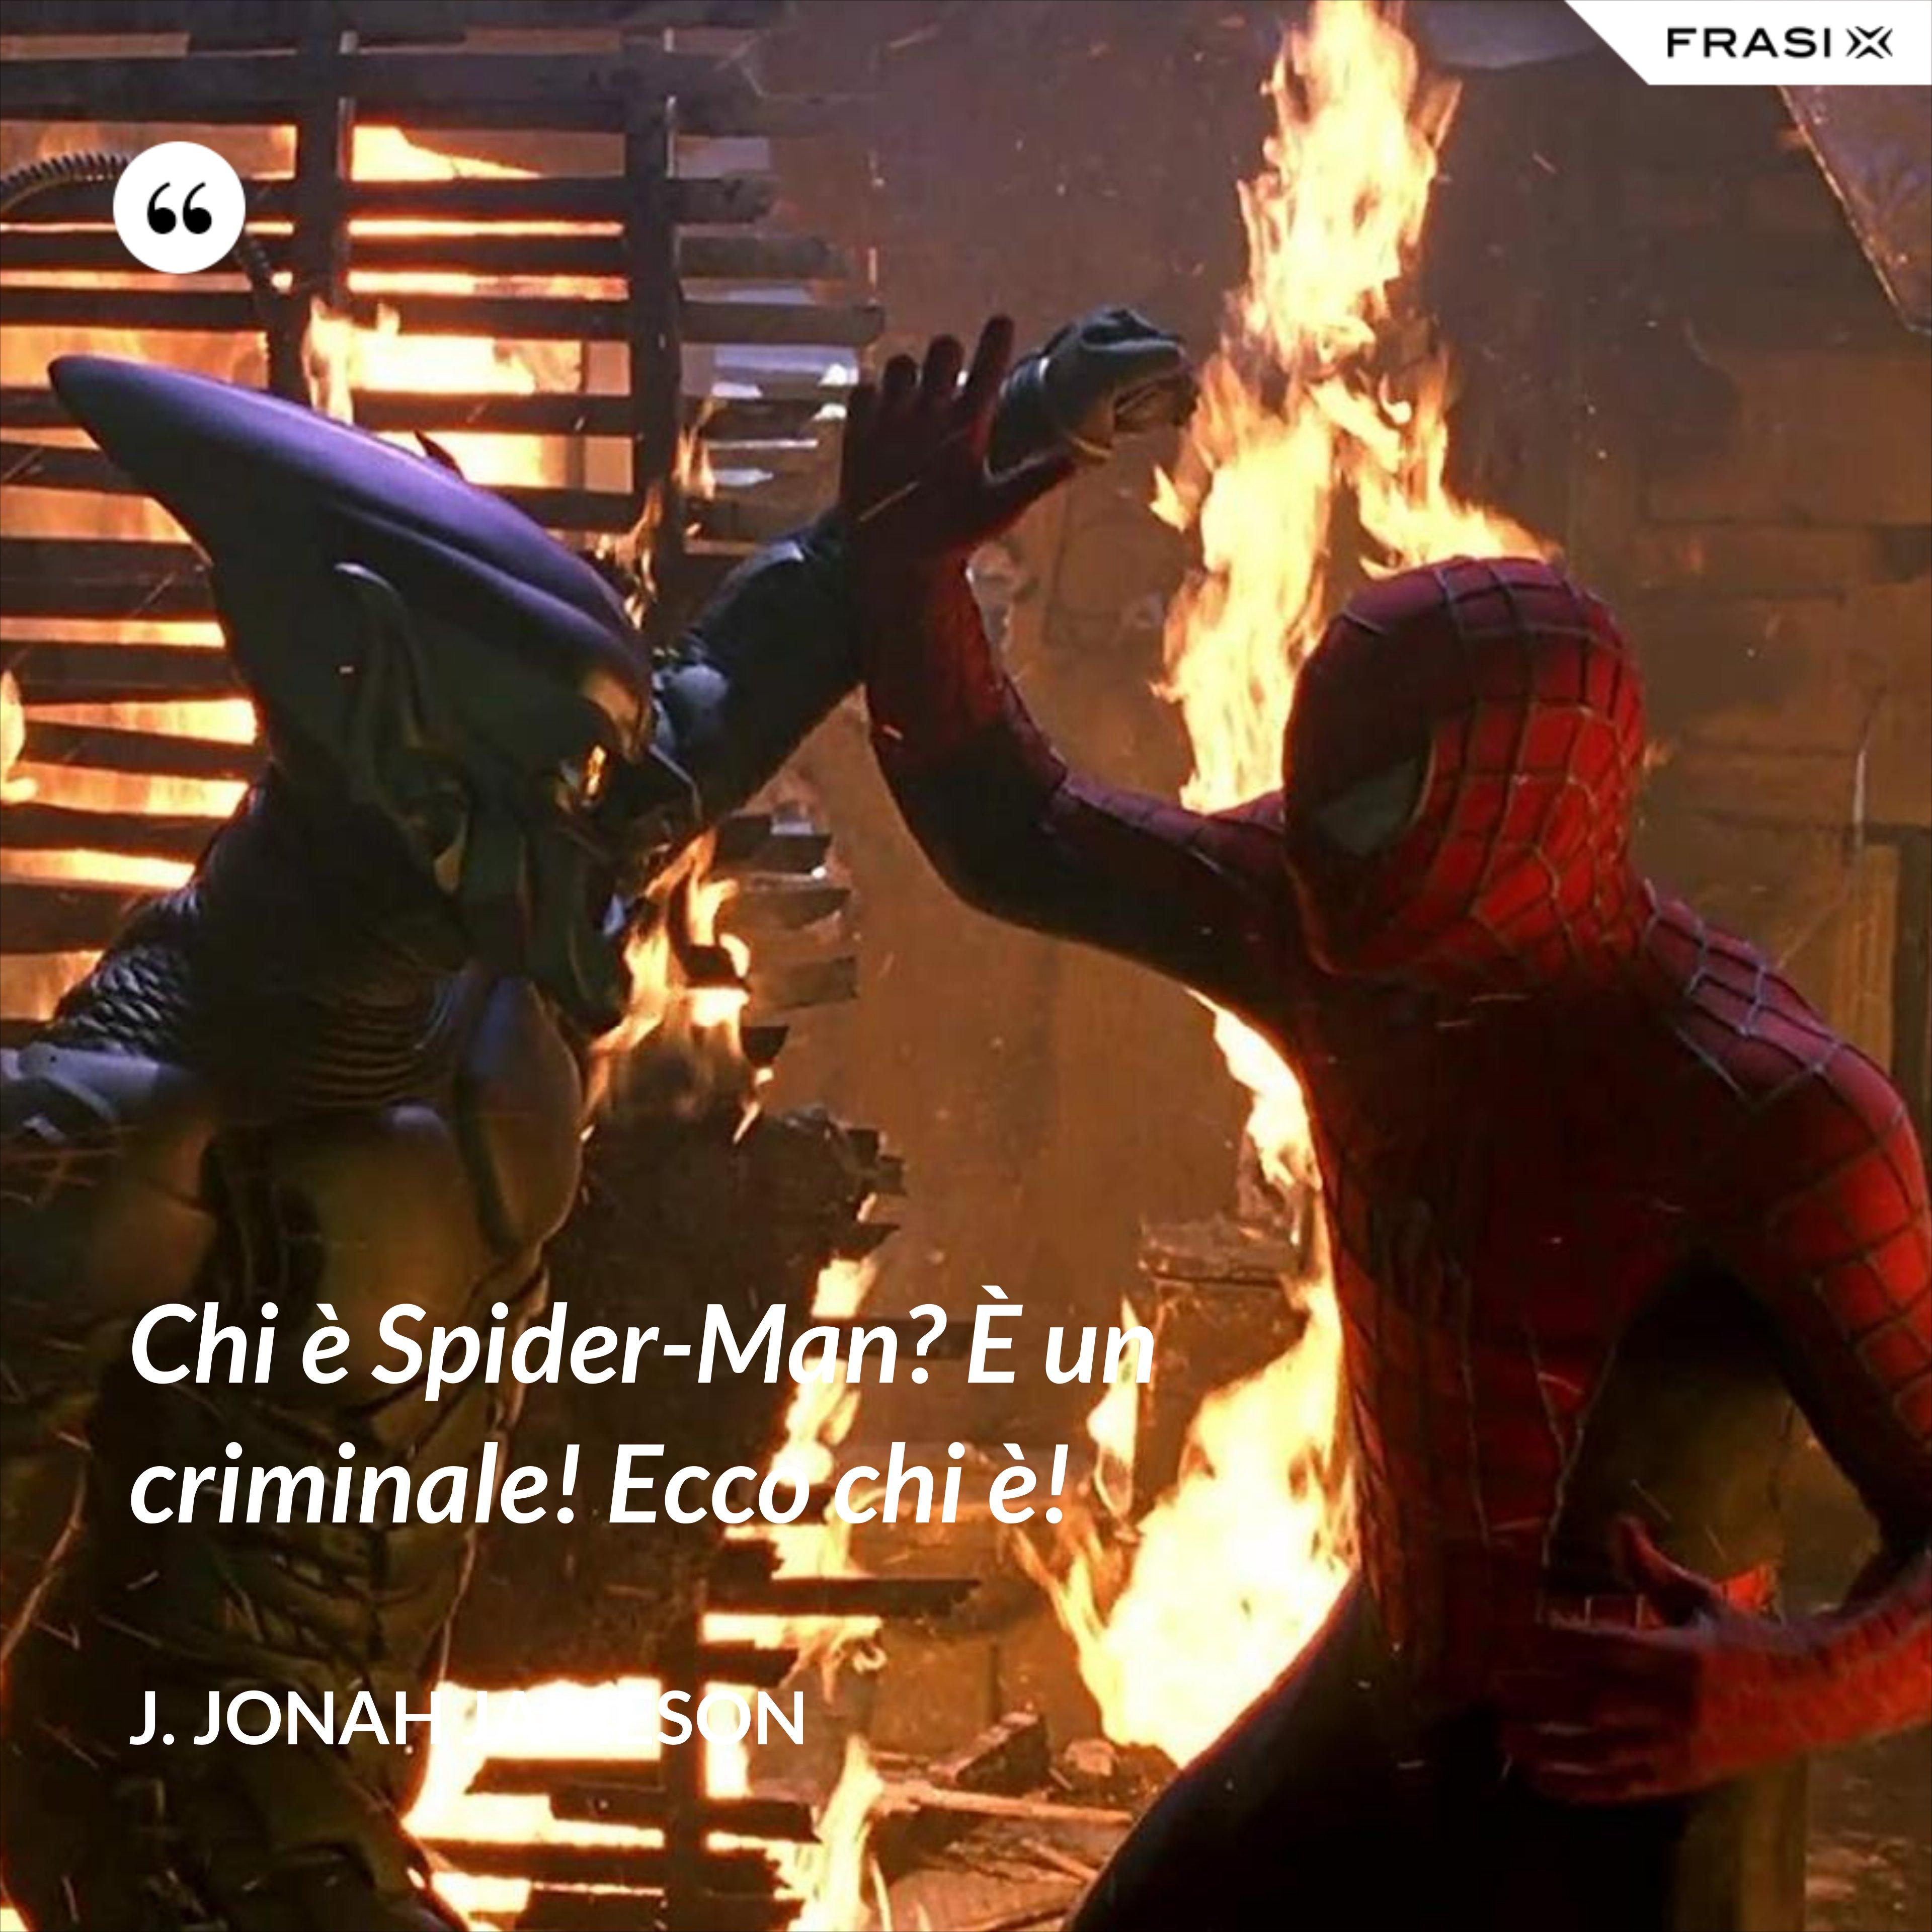 Chi è Spider-Man? È un criminale! Ecco chi è! - J. Jonah Jameson